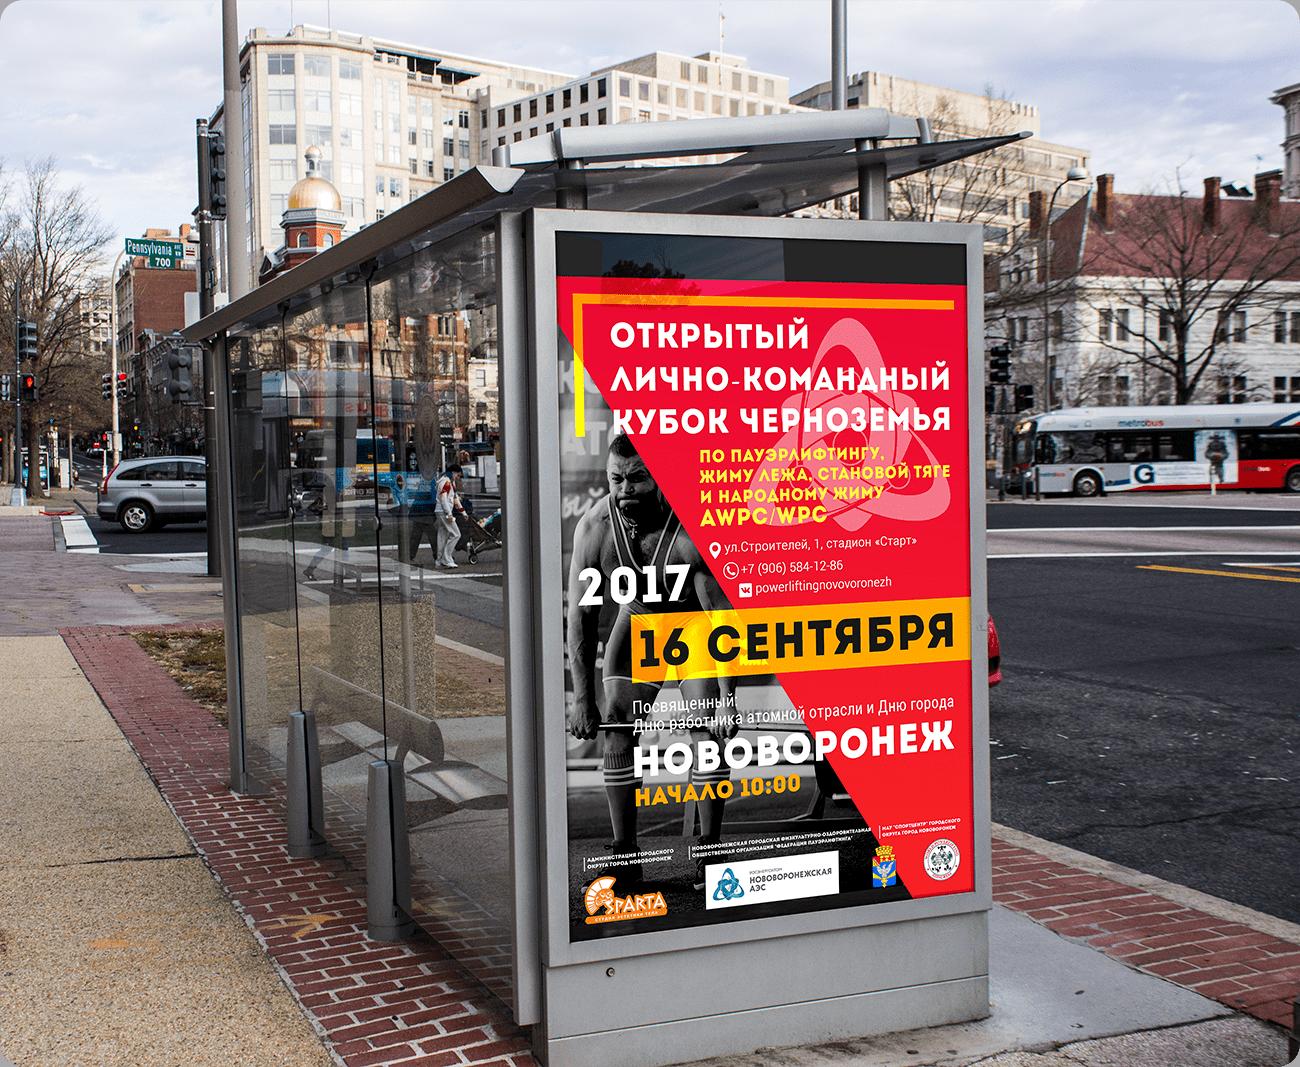 Афиша соревнований 2 в Нововоронеже, в честь юбилея города и Дня работника атомной отрасли